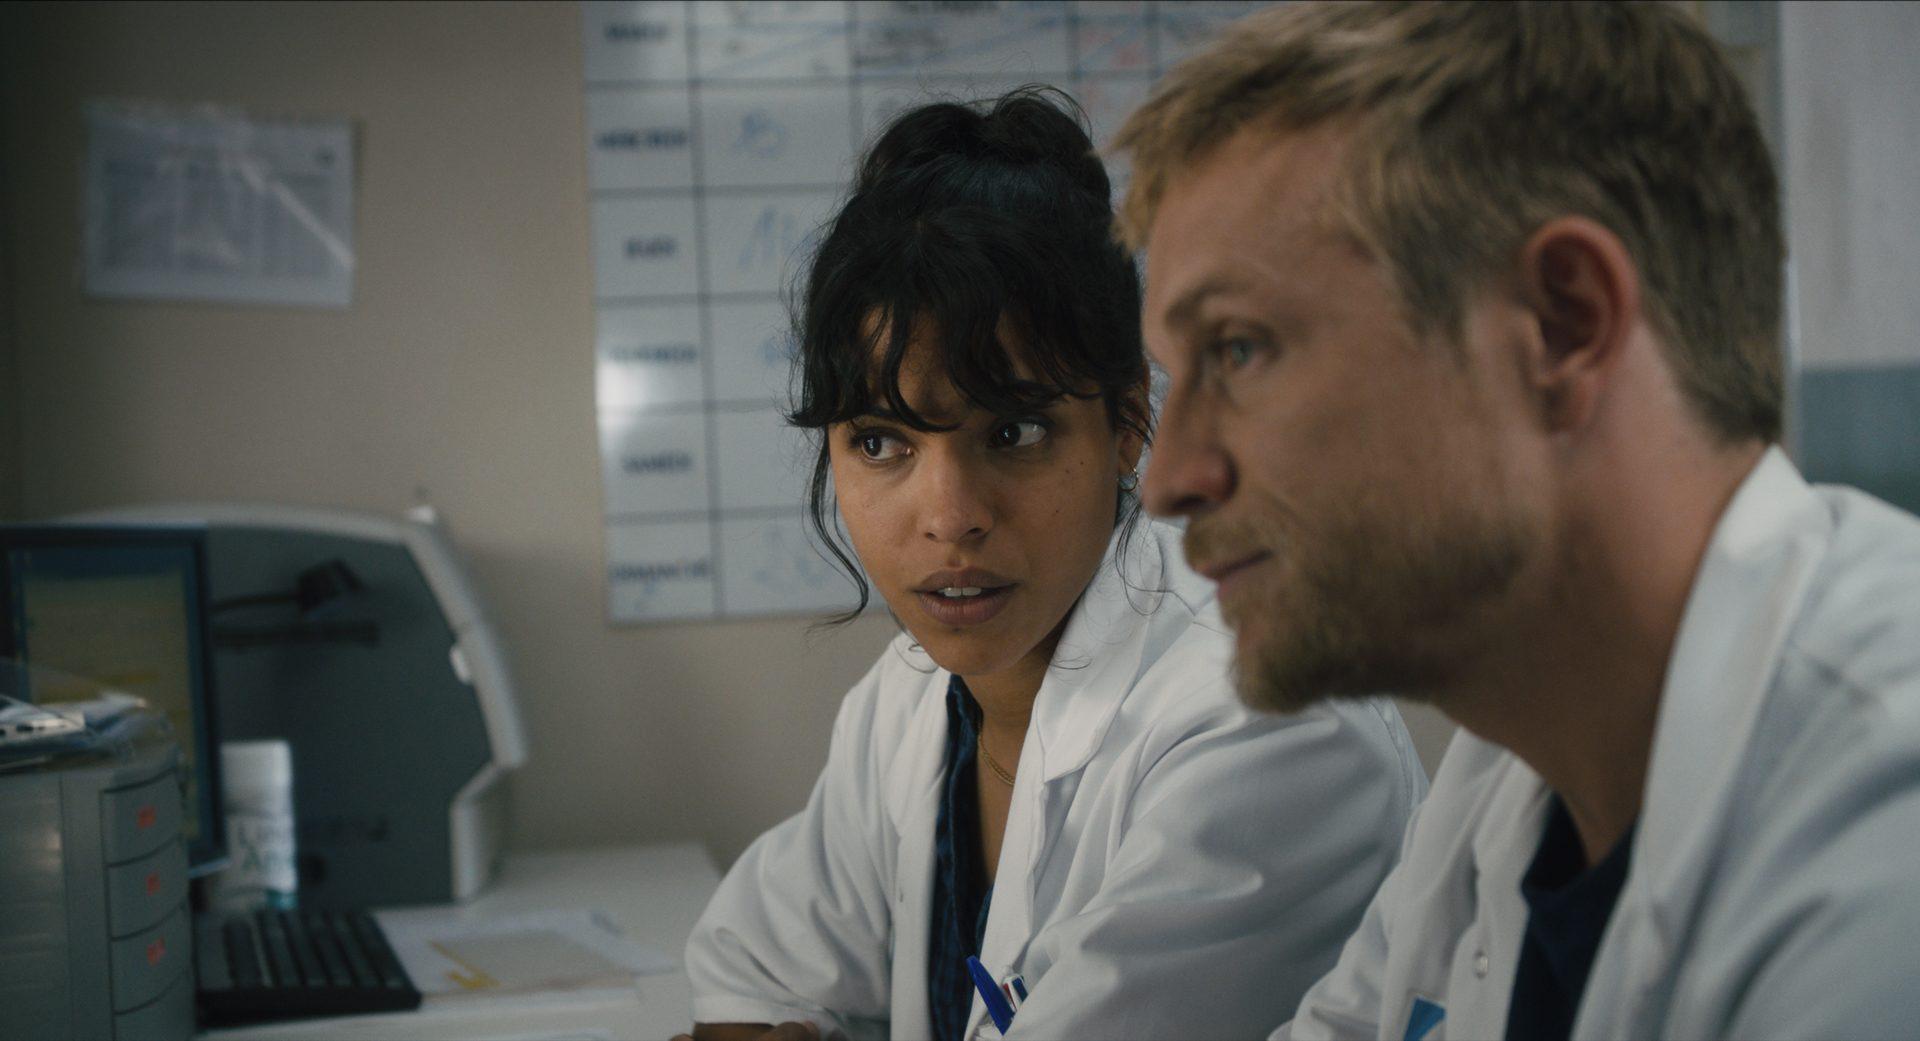 """David Roux et Zita Hanrot (L'Ordre des médecins) : """"Je ne voulais pas m'attarder sur les gestes héroïques, mais davantage sur le quotidien, l'intime"""""""